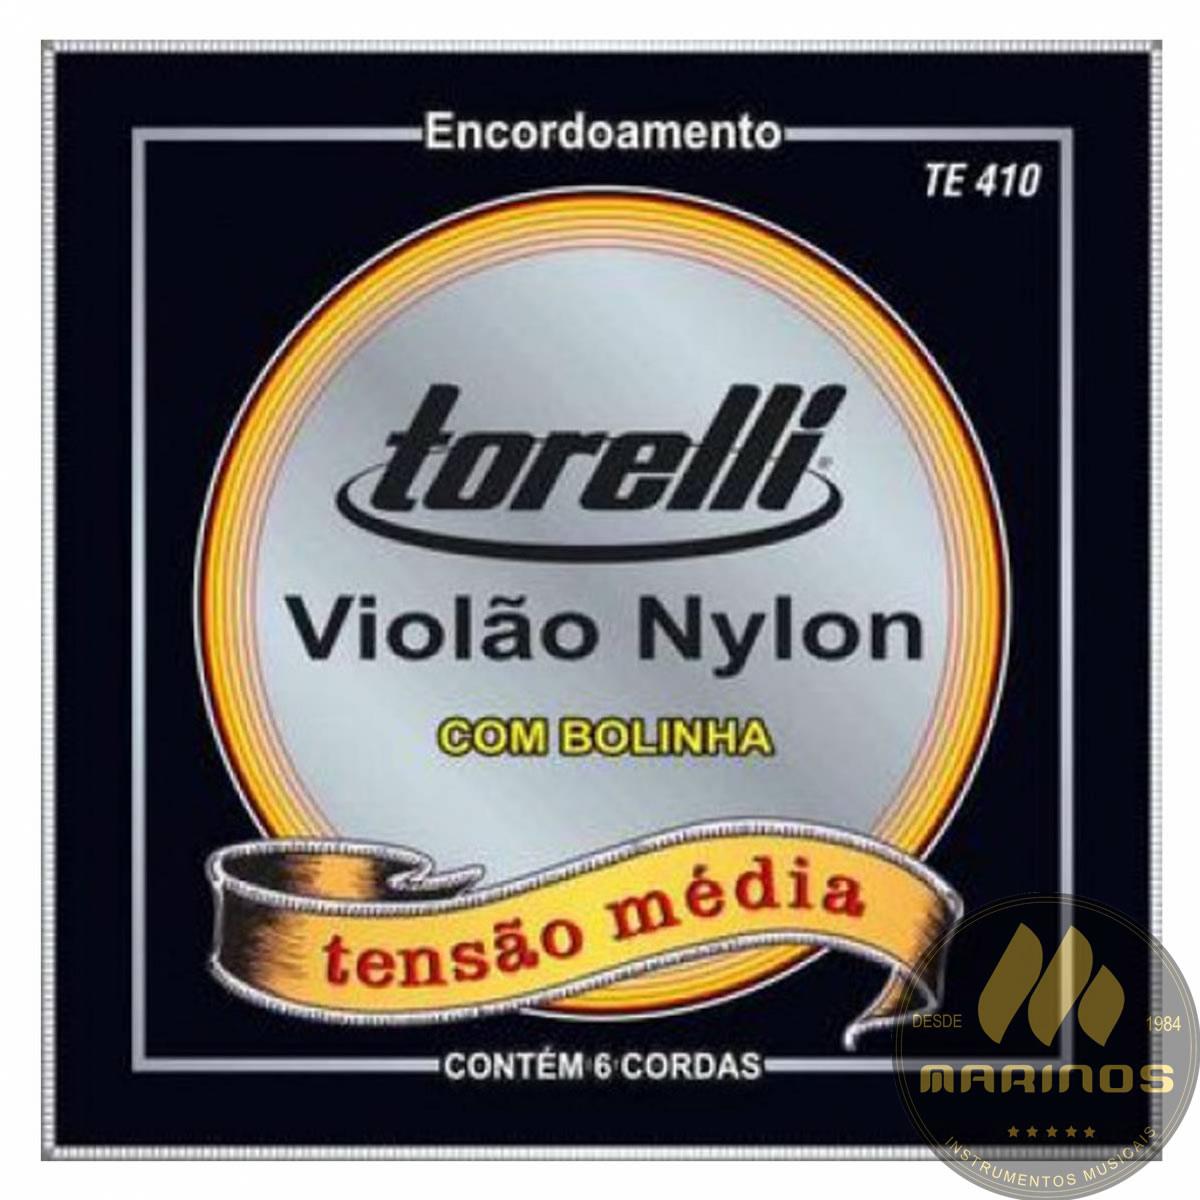 Encordoamento TORELLI Violão Náilon Média TE410 Bolinha